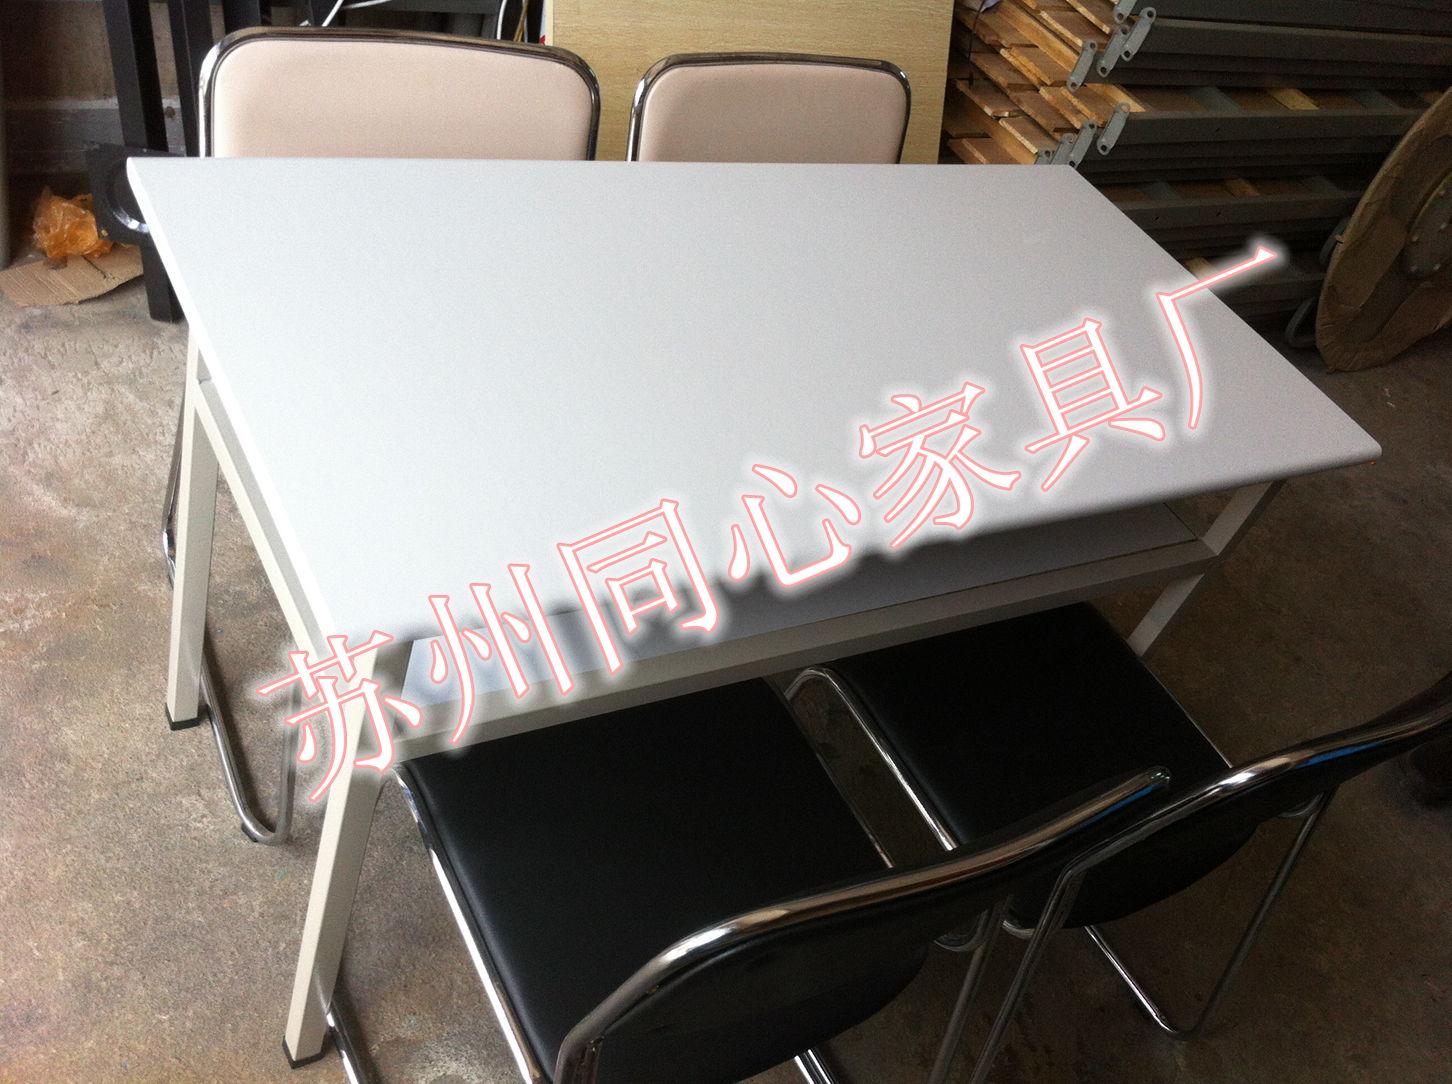 стол для учебных заведений Обучение фабрика прямых оптовых обеденный стол столовая таблицы таблица обеденный ресторан стулья чтения стол двойной